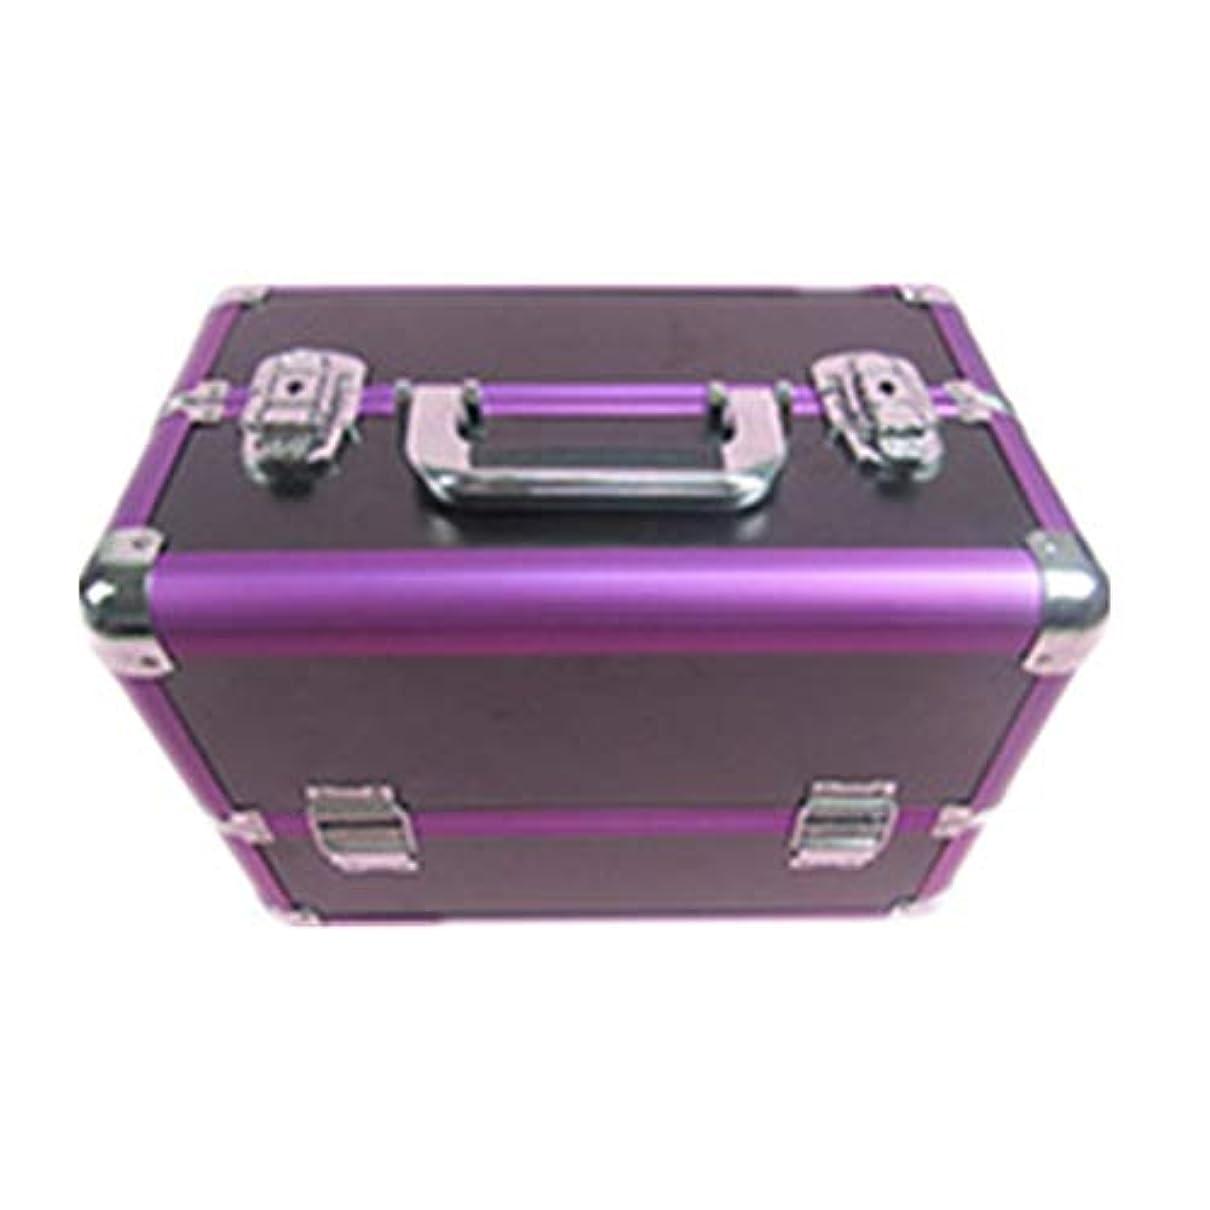 疫病接続詞冷ややかな化粧オーガナイザーバッグ 大容量ポータブル化粧ケース(トラベルアクセサリー用)シャンプーボディウォッシュパーソナルアイテム収納トレイ(エクステンショントレイ付) 化粧品ケース